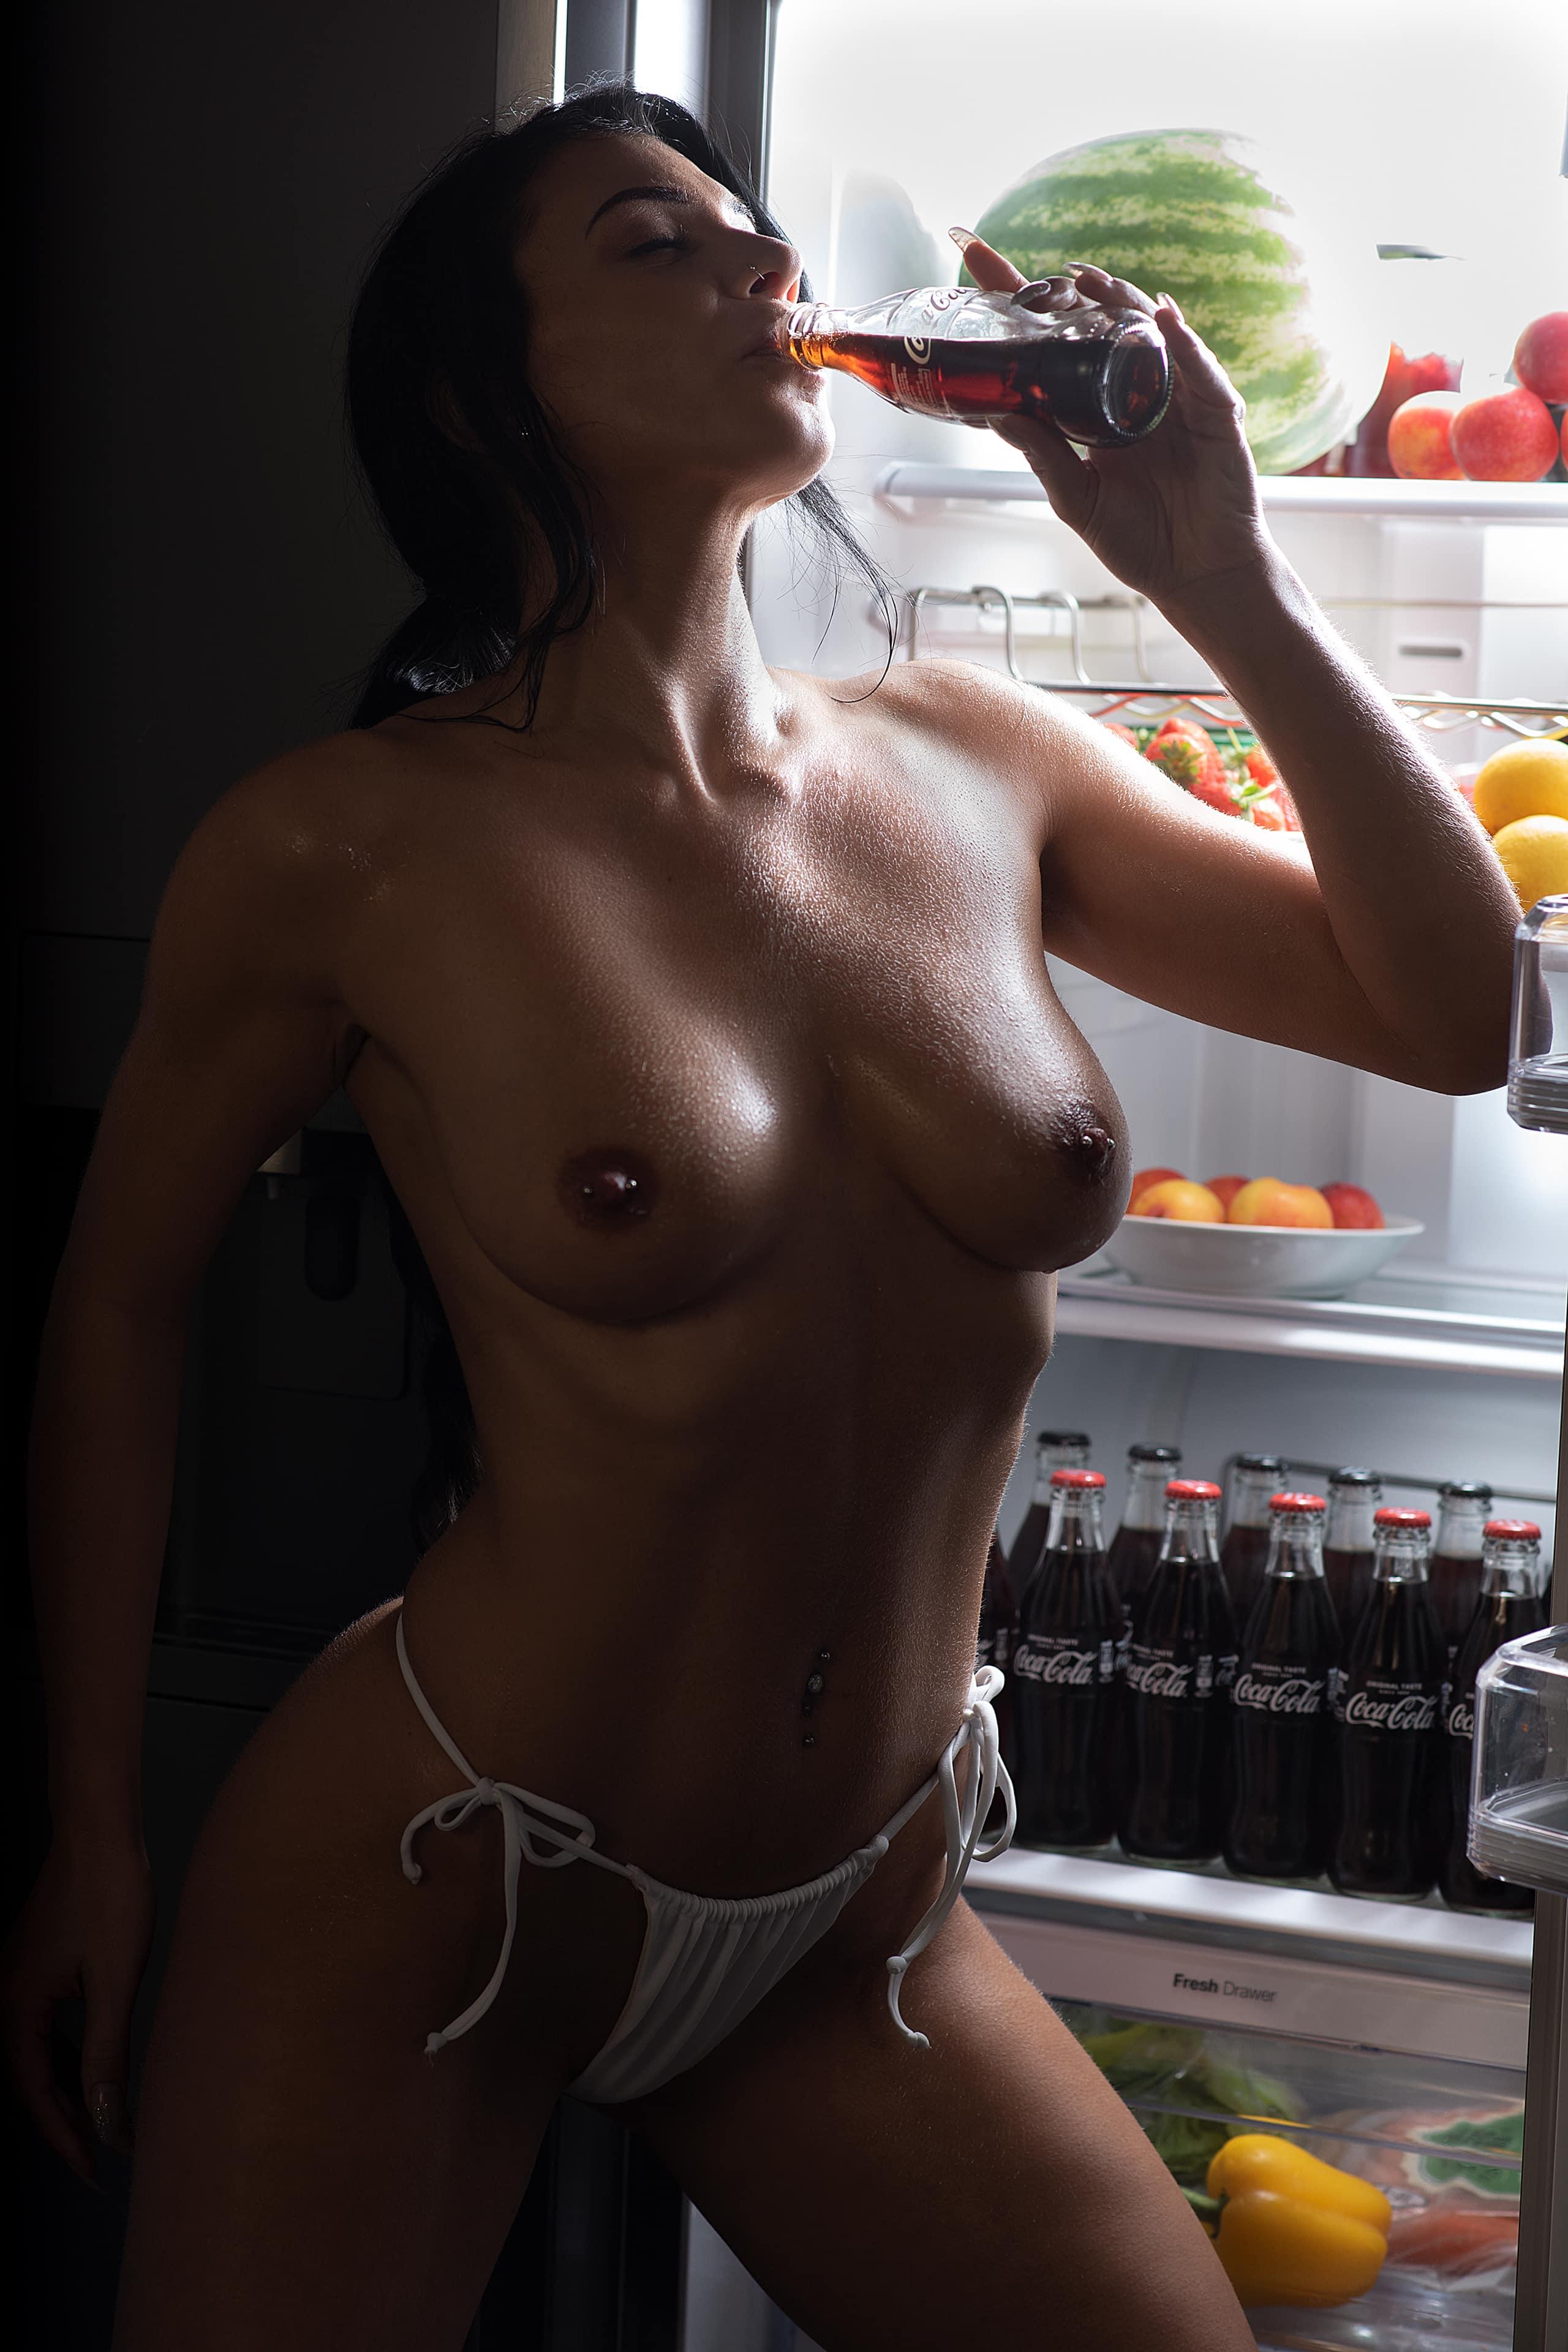 fridgefun13